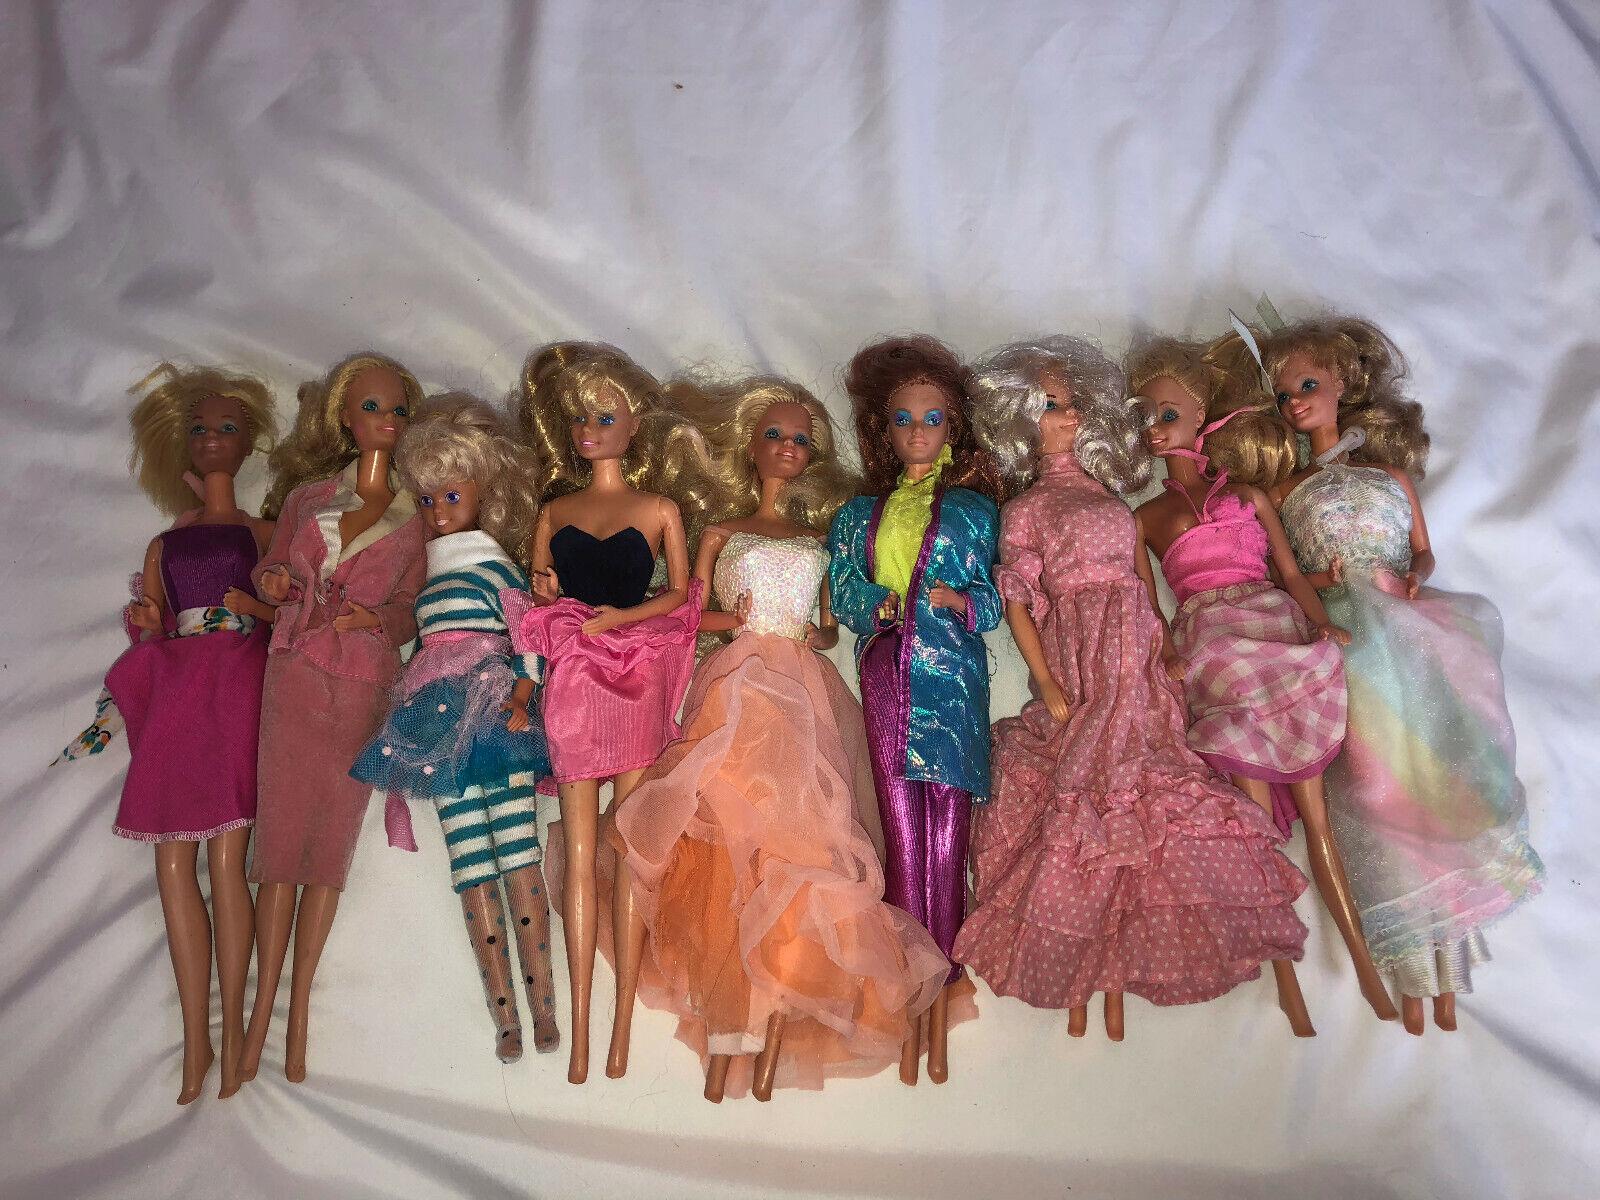 Vintage década de 1960 Lote de 9 Muñecas Barbie Vestidos de Fiesta Surtidos vestidos trajes mixto